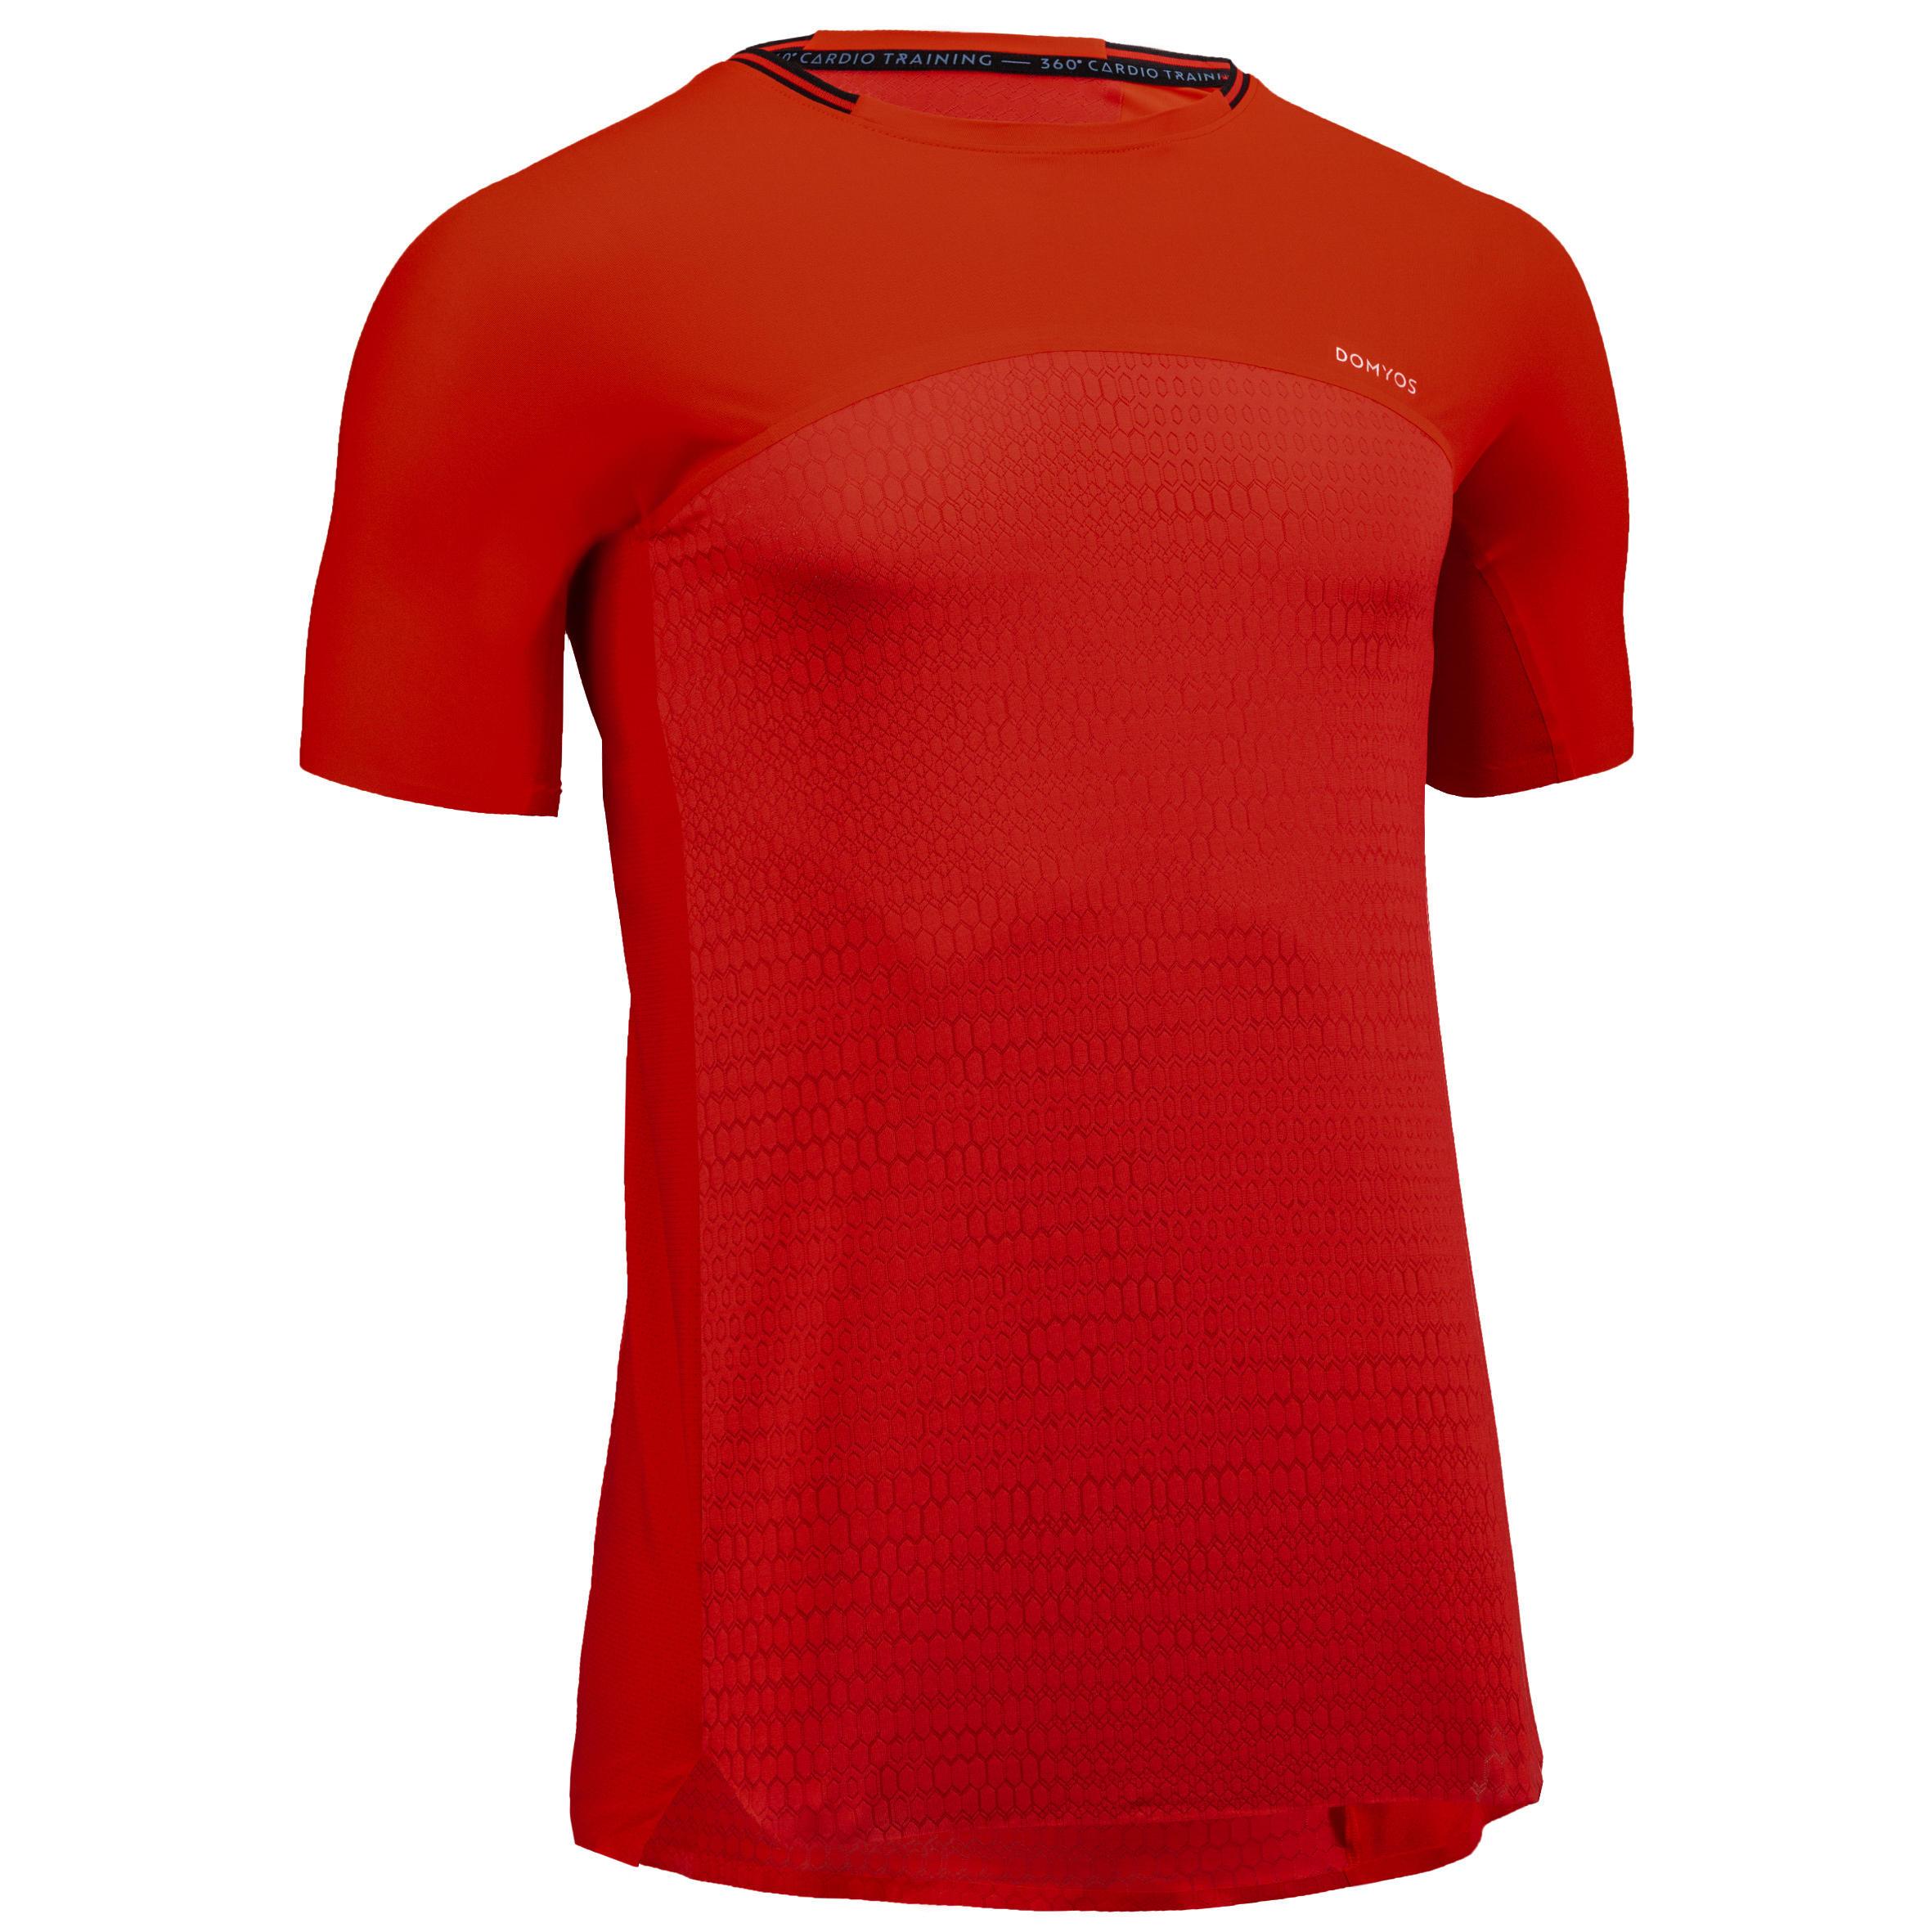 Domyos Fitness shirt FTS 920 voor heren kopen? Leest dit eerst: Fitness kleding Fitness shirt met korting